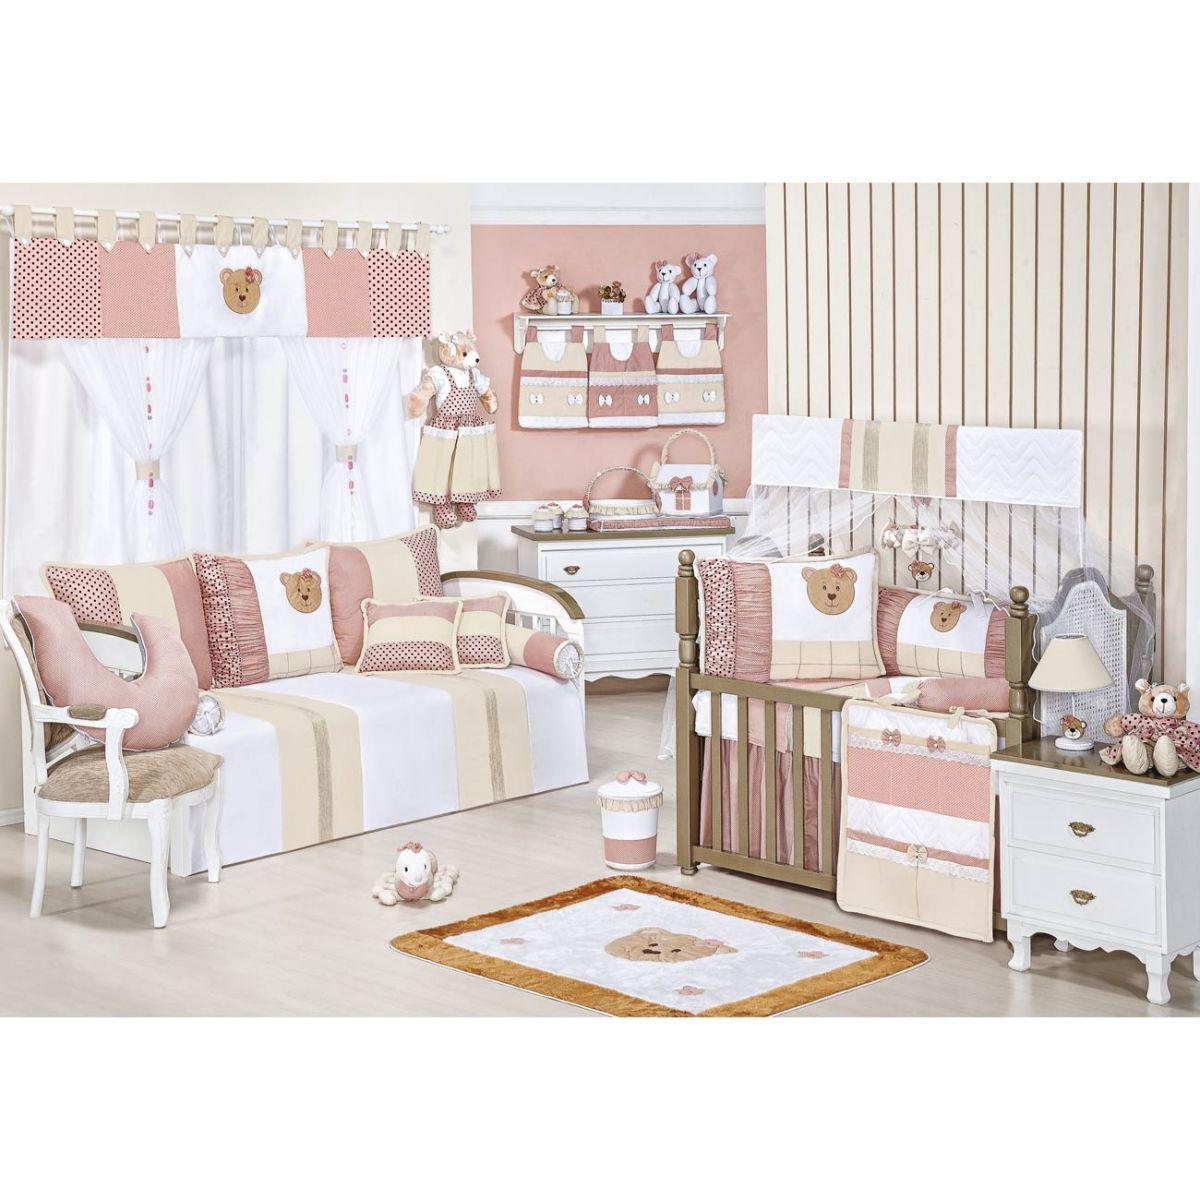 Coleção Completa para Quarto de Bebê Aurora 100% Algodão - 24 Peças